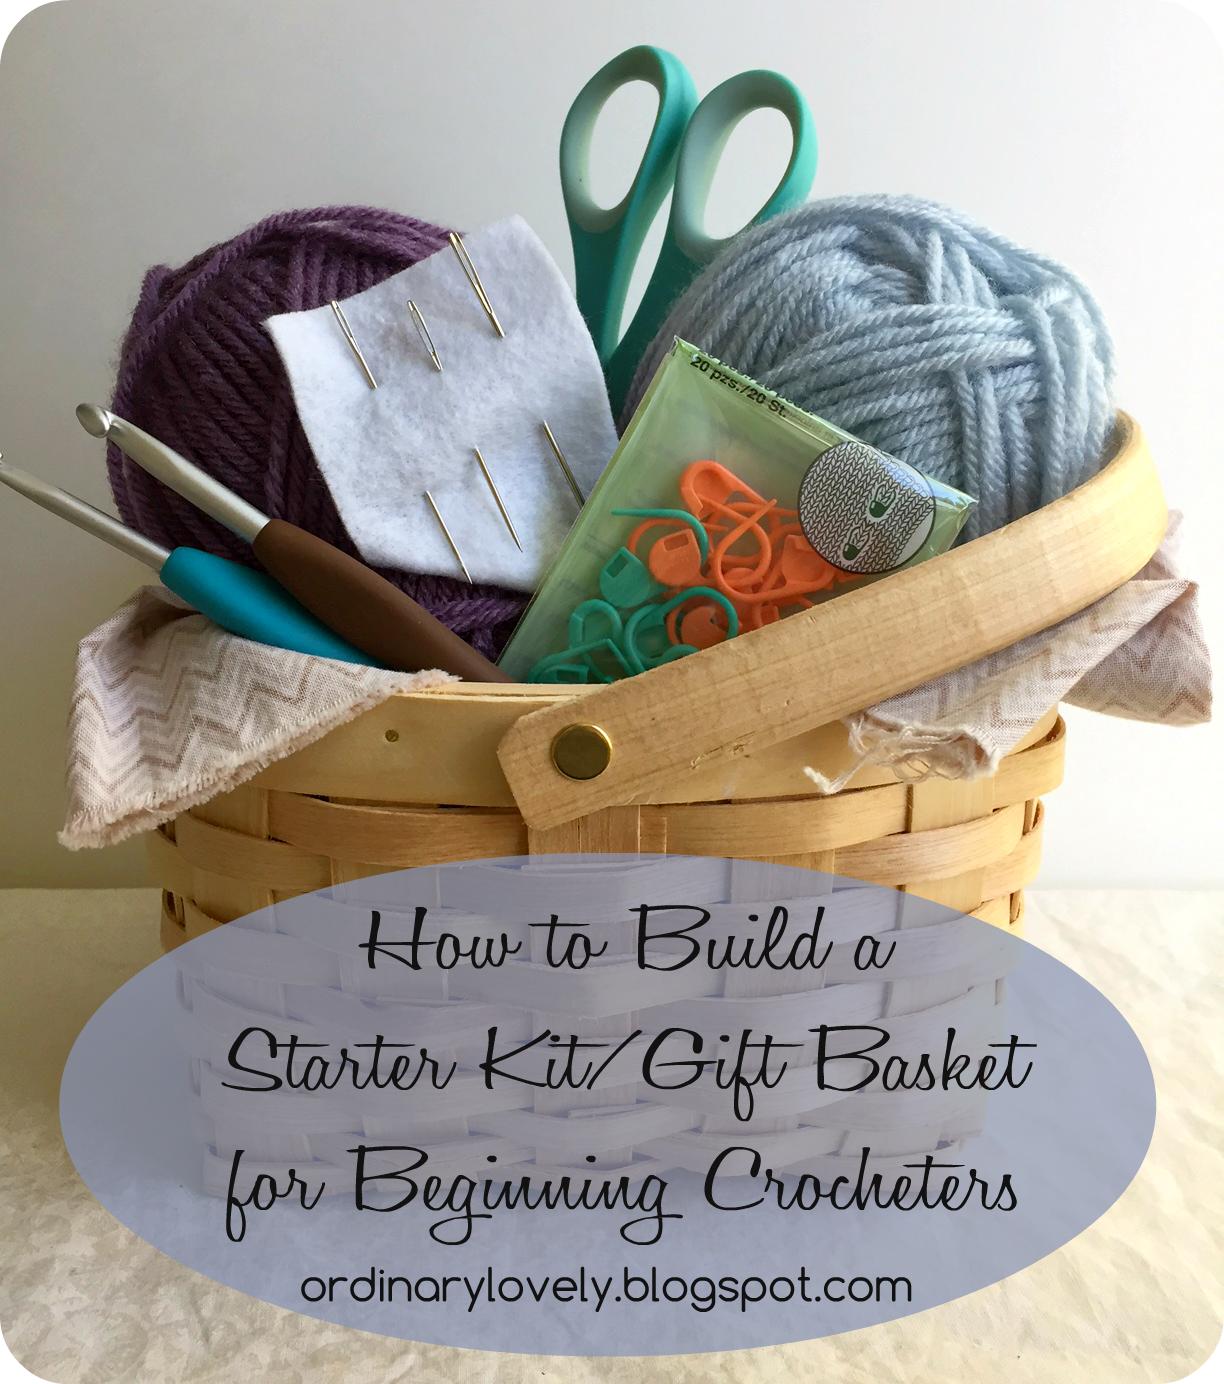 Ordinary Lovely Crochet Starter Kit Or Gift Set For Beginners